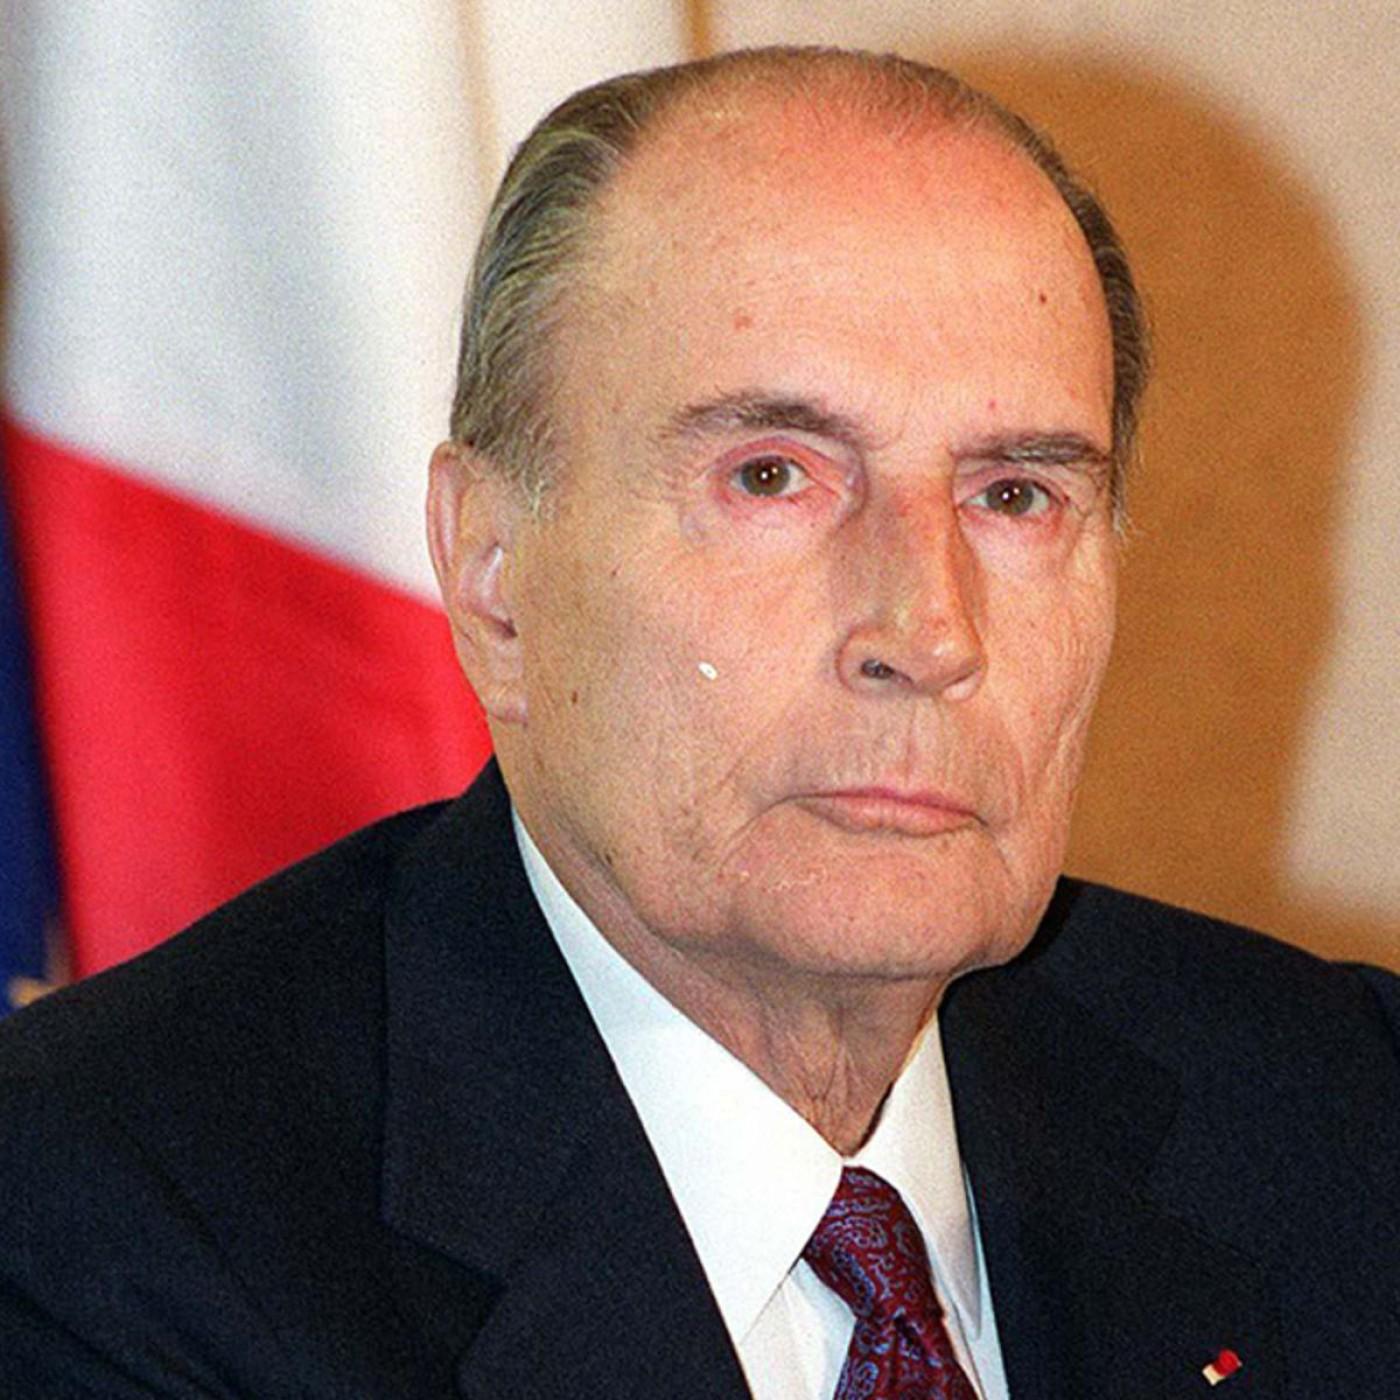 Pour les 25 ans de sa mort, Mitterrand et ses phrases cultes - 08 01 2021 - StereoChic Radio